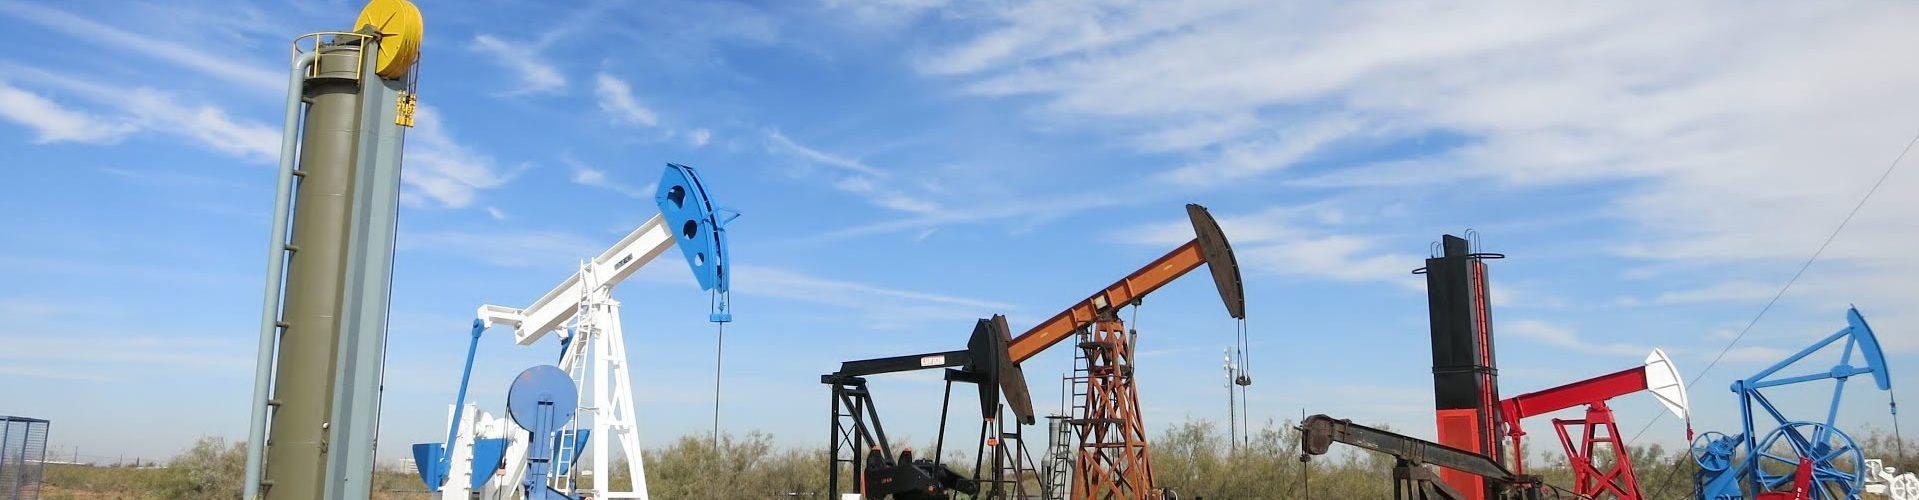 petroleum-museum-hommage-petrole-or-noir-alaune